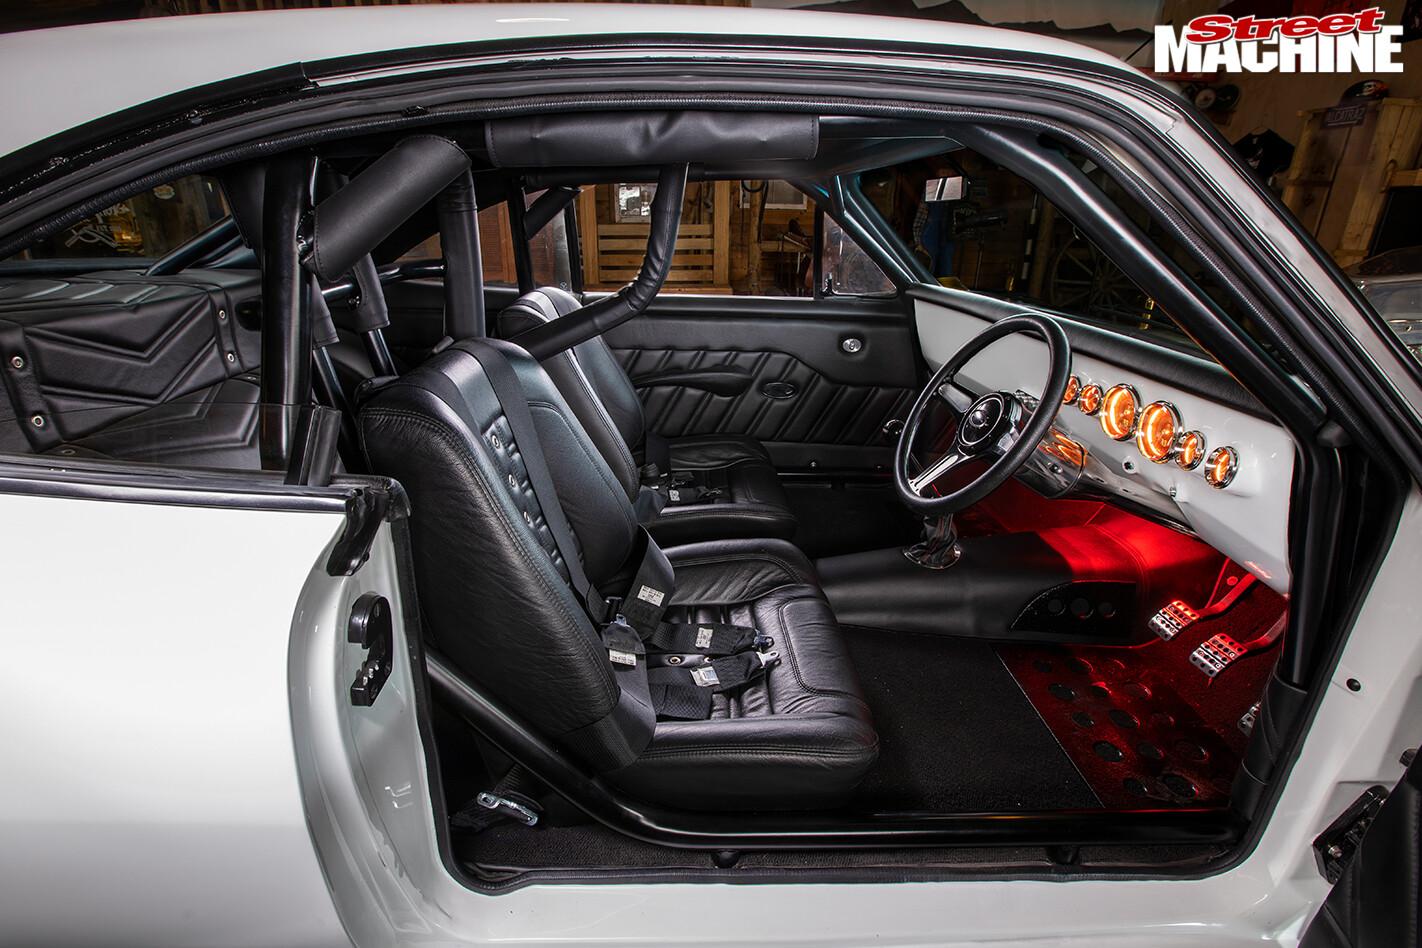 Street Machine Features Holden Ht Monaro Interior